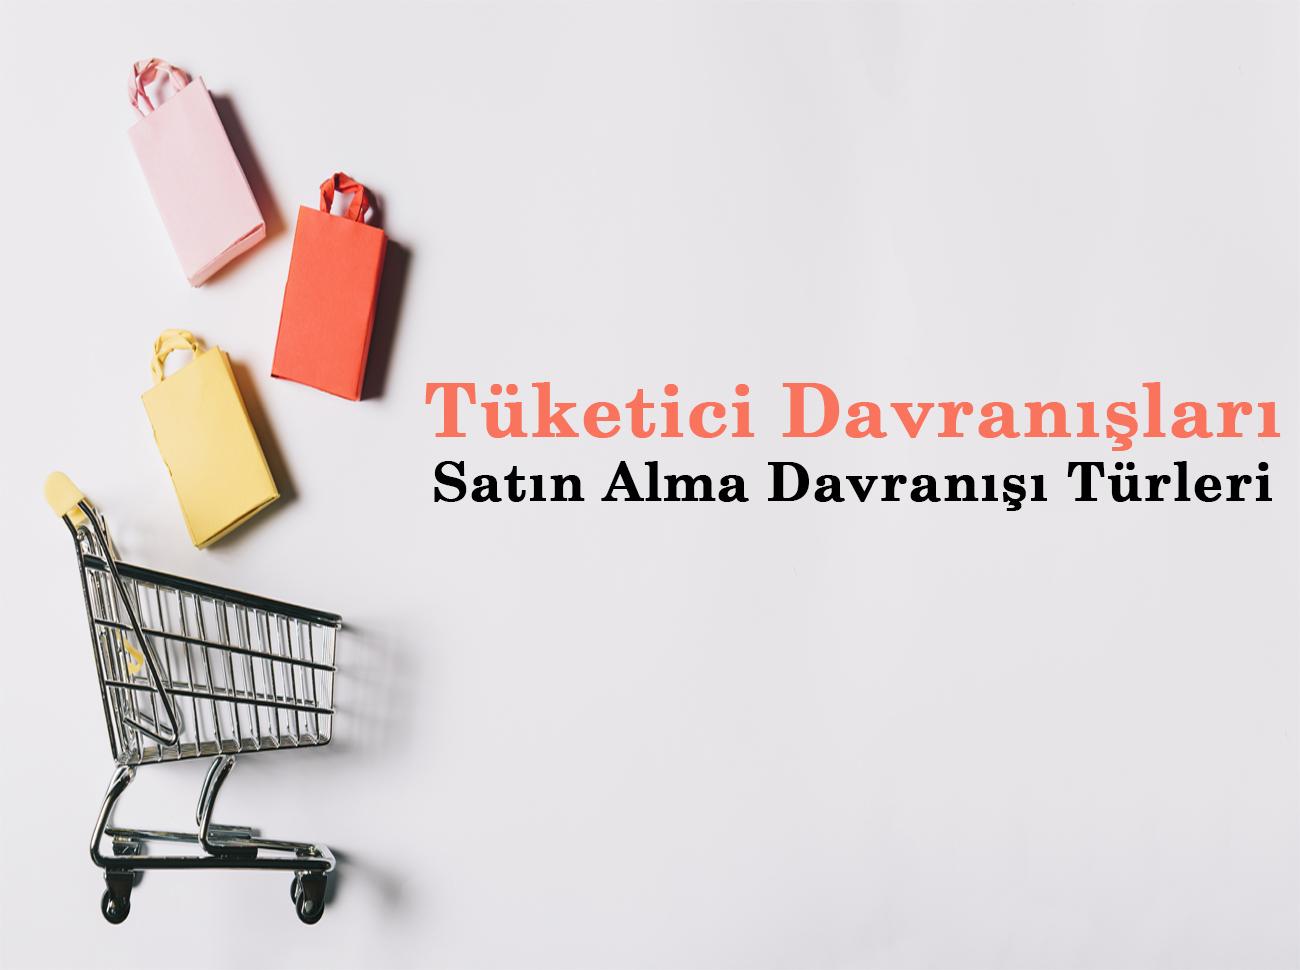 Tüketici Davranışları: Satın Alma Davranışı Türleri